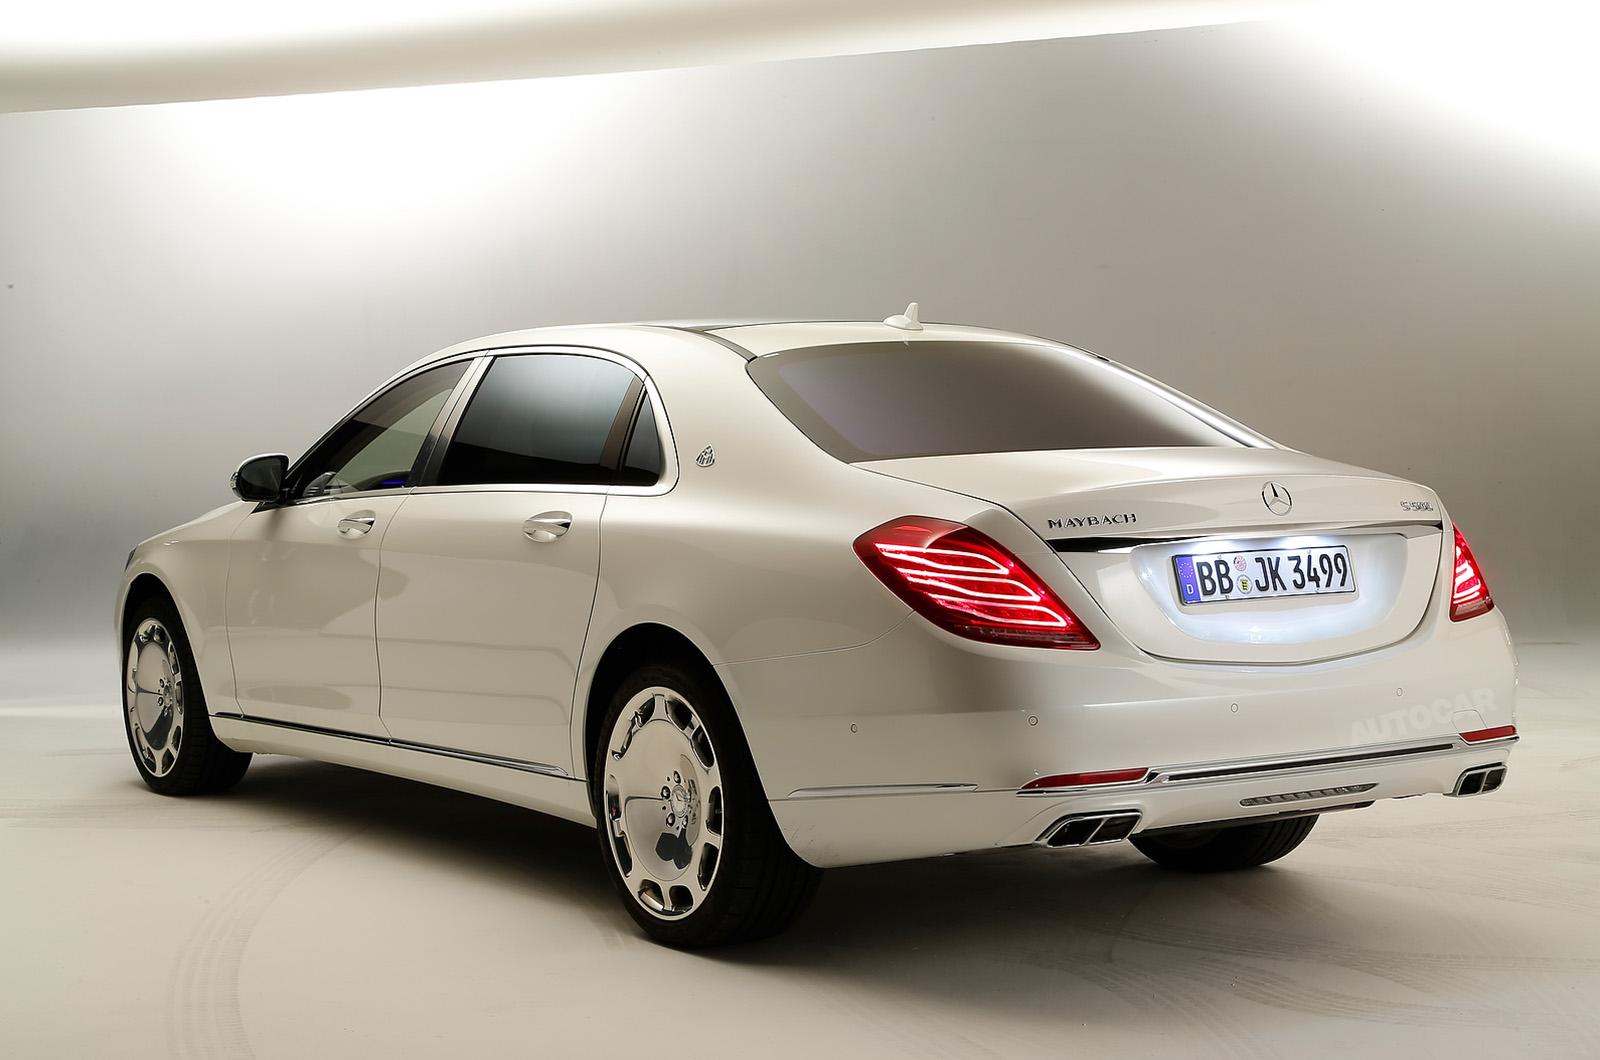 https://www.fanmercedesbenz.com/wp-content/uploads/2014/12/Mercedes-Maybach-S600-review-1024x678.jpg